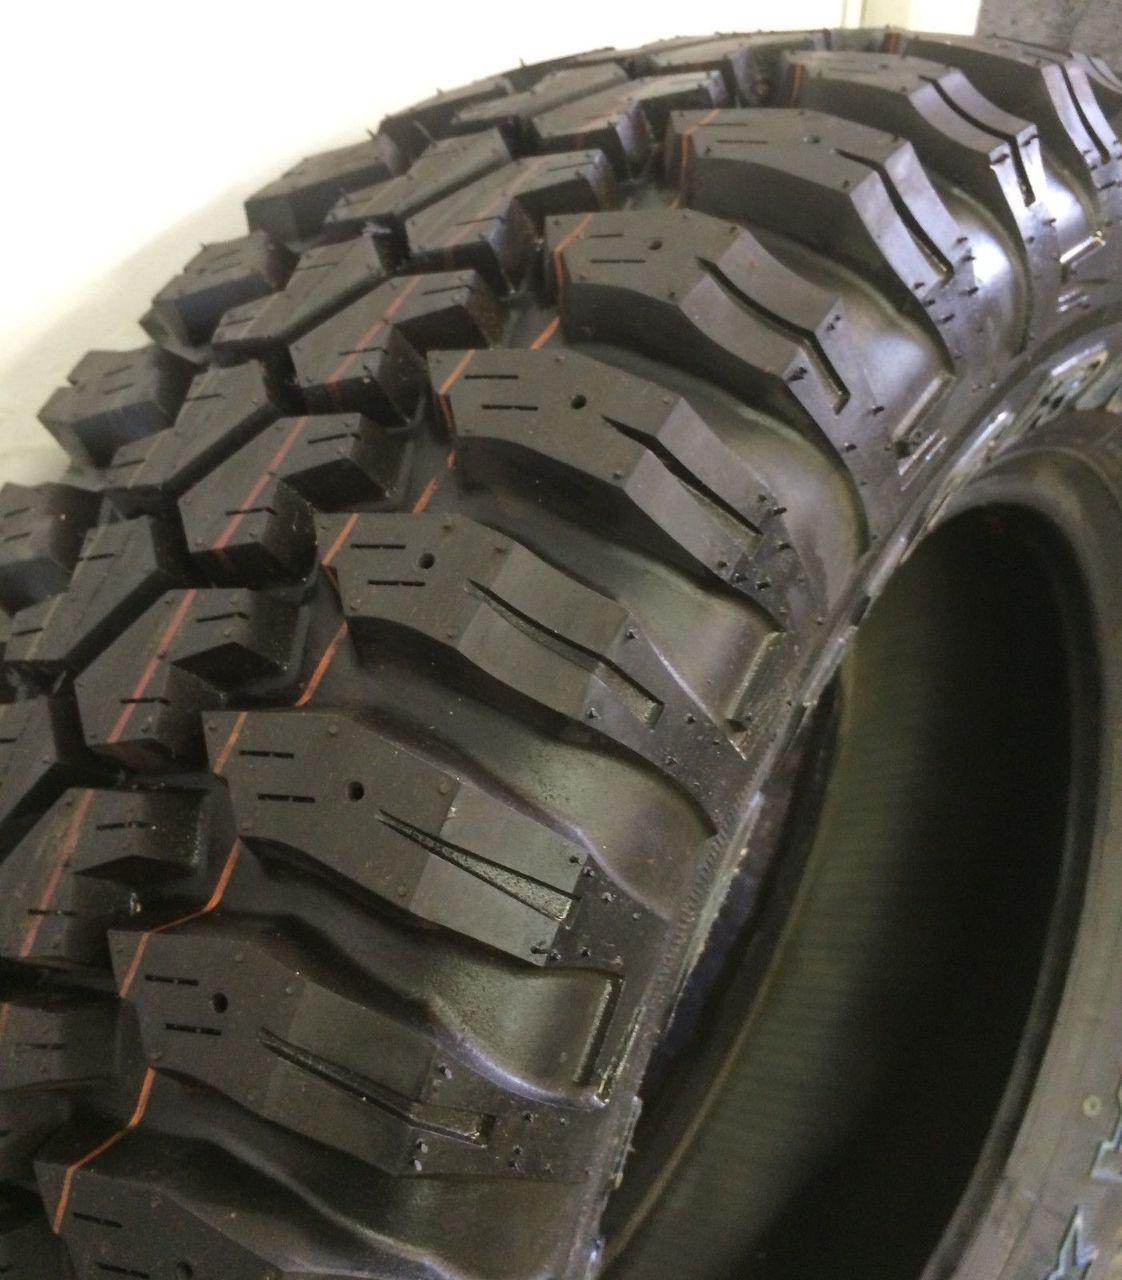 New Tire 265 75 16 Maxxis Bighorn MT-762 Mud 8 Ply OWL LT265/75R16